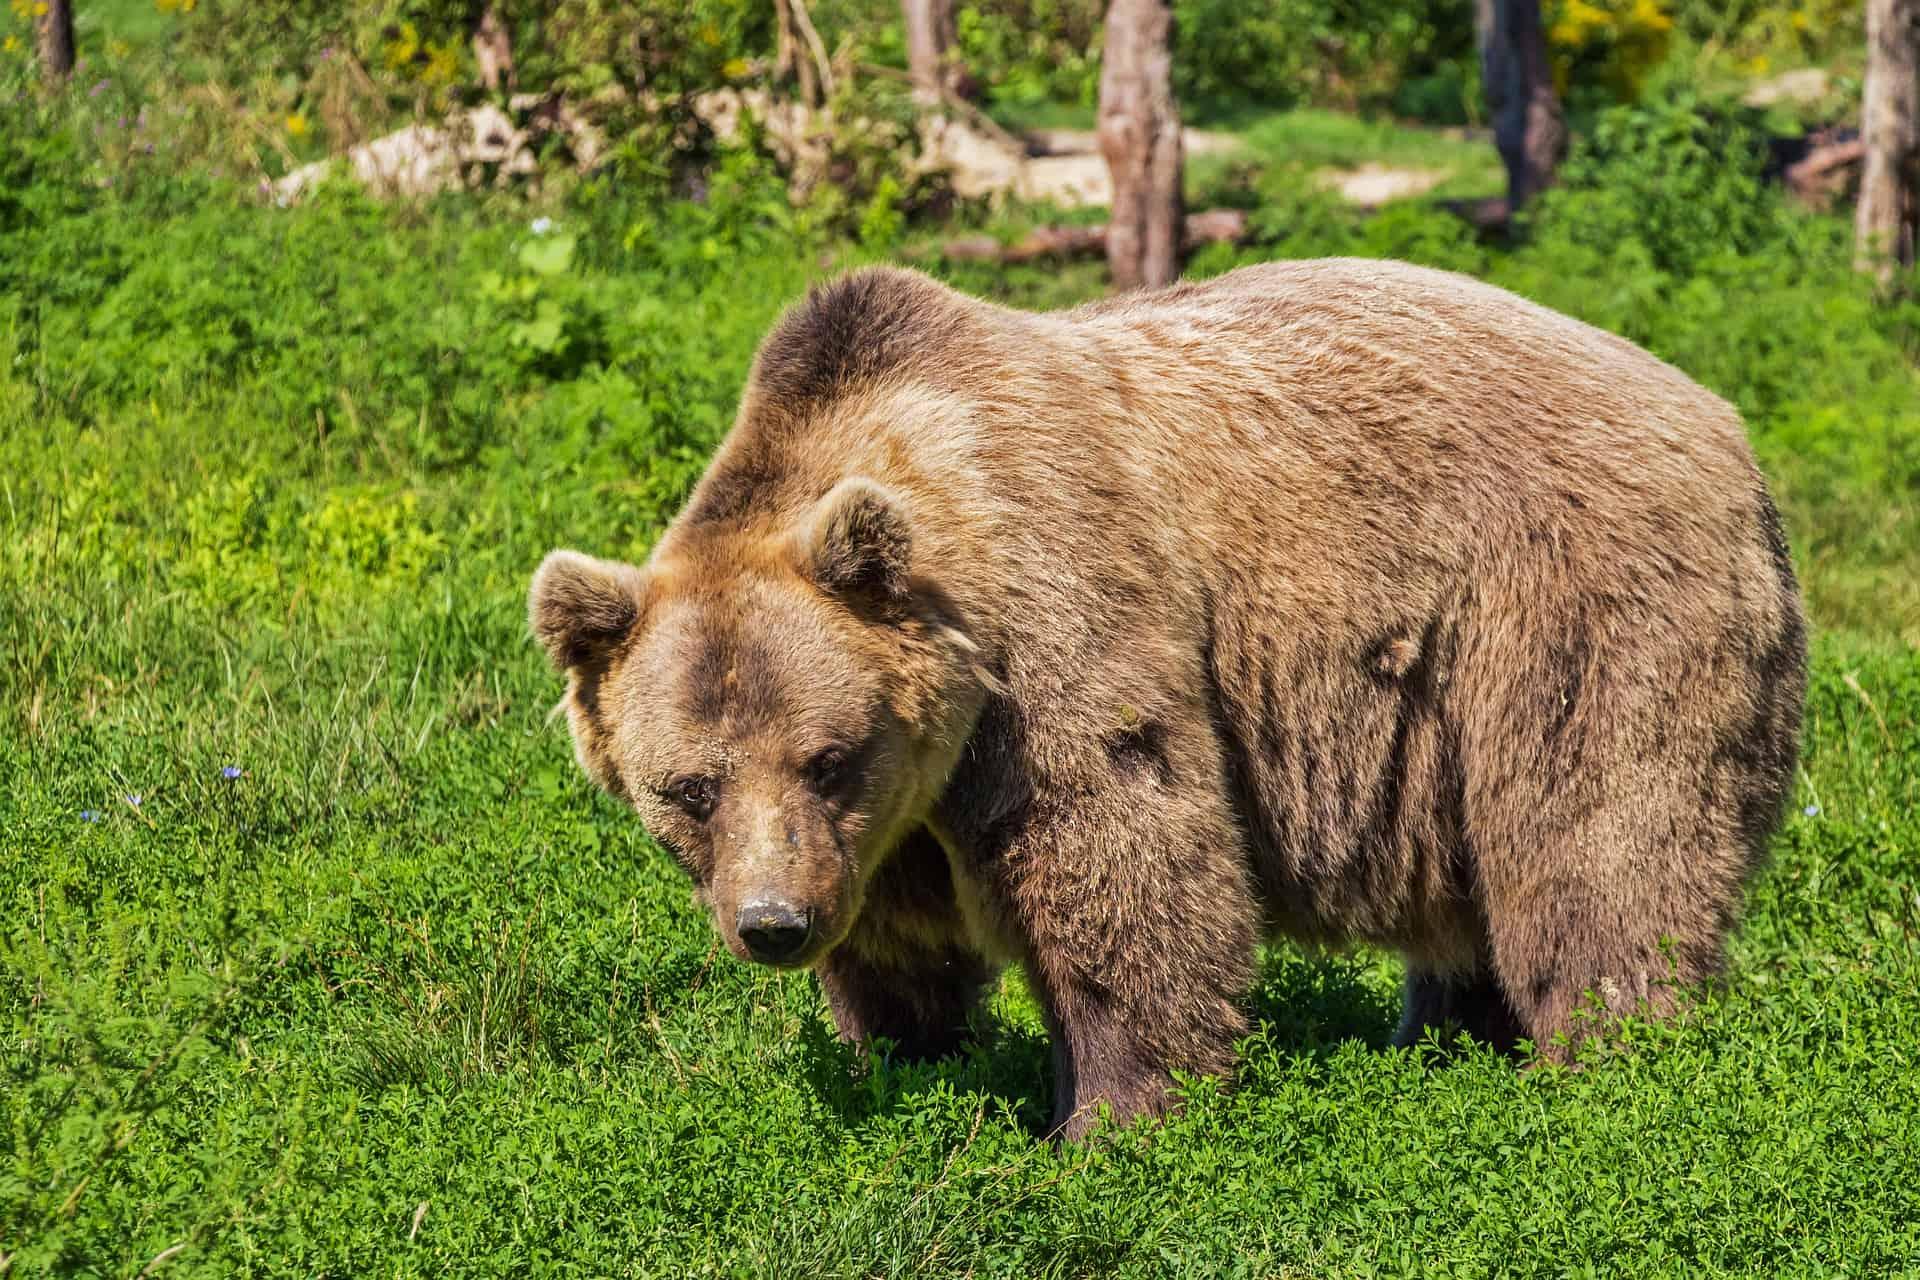 Part Bear?